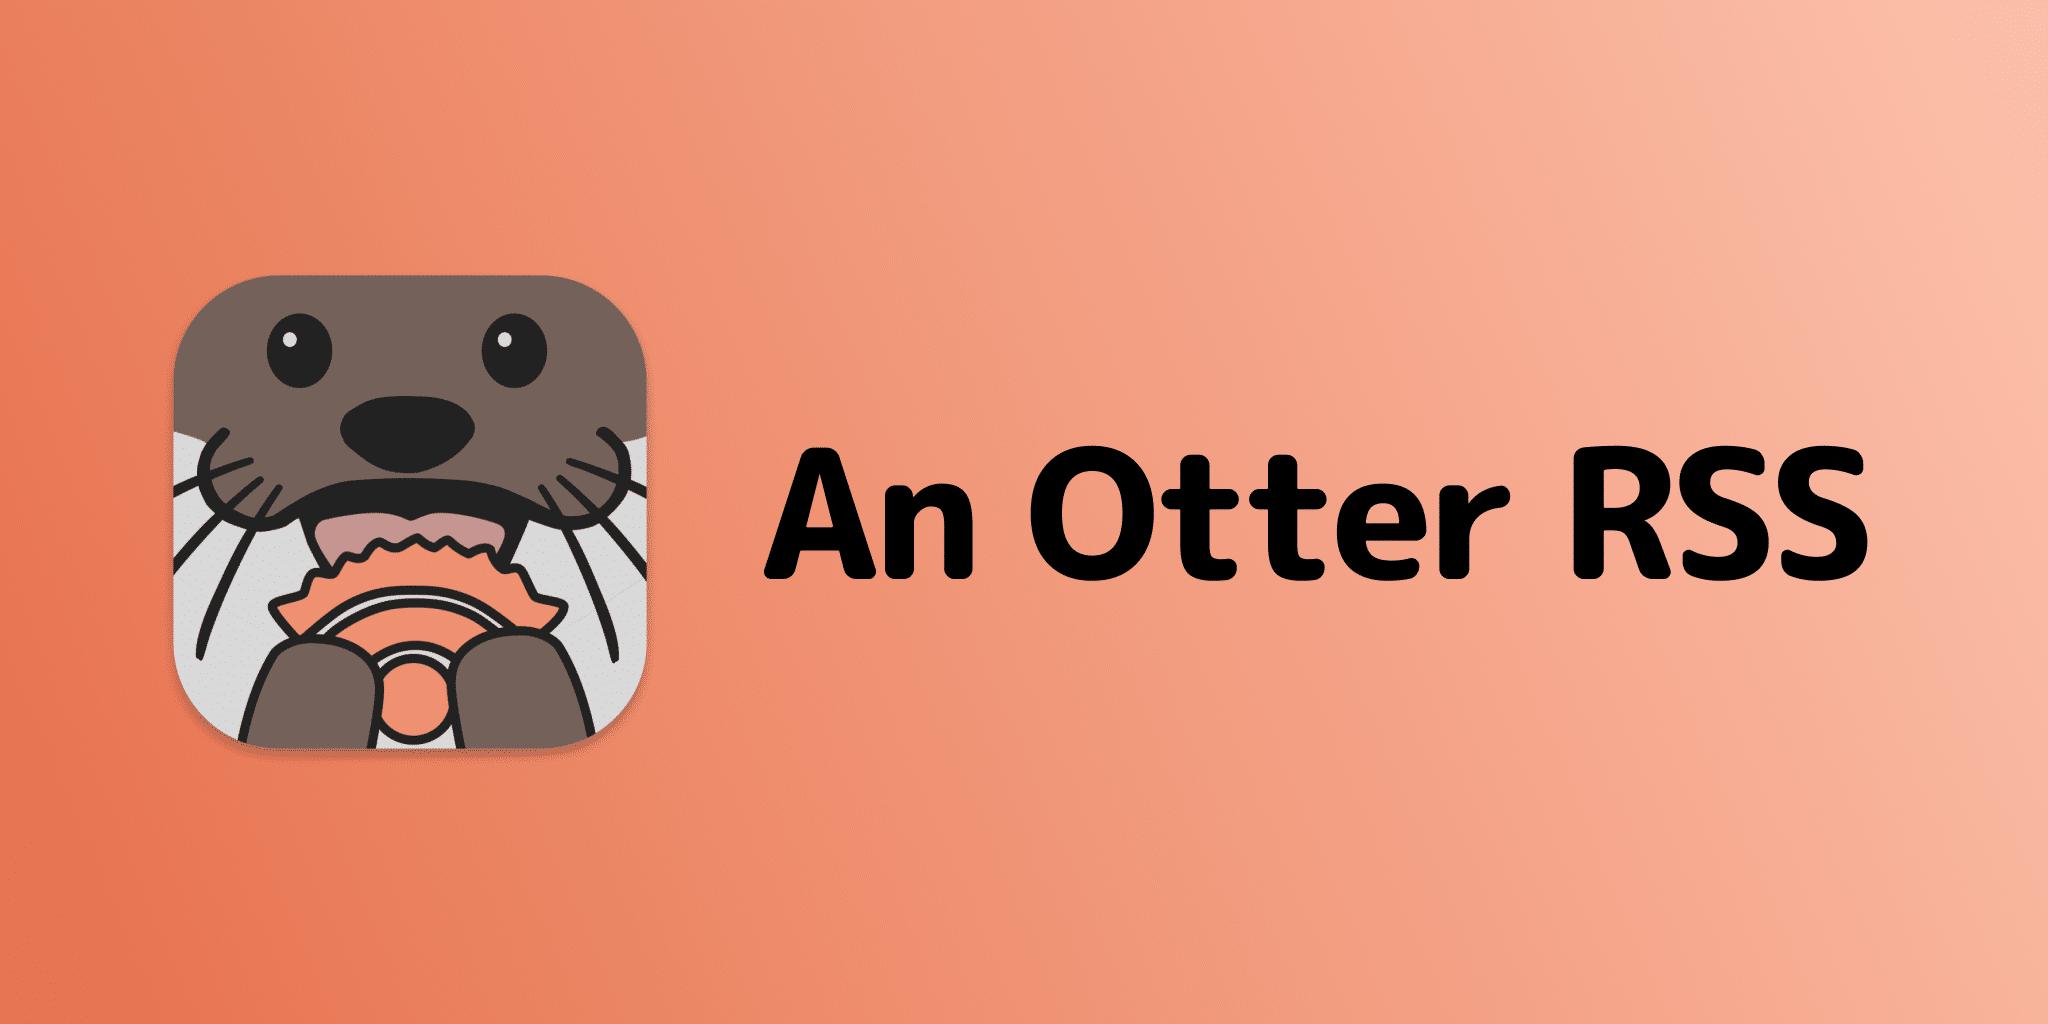 An Otter RSS